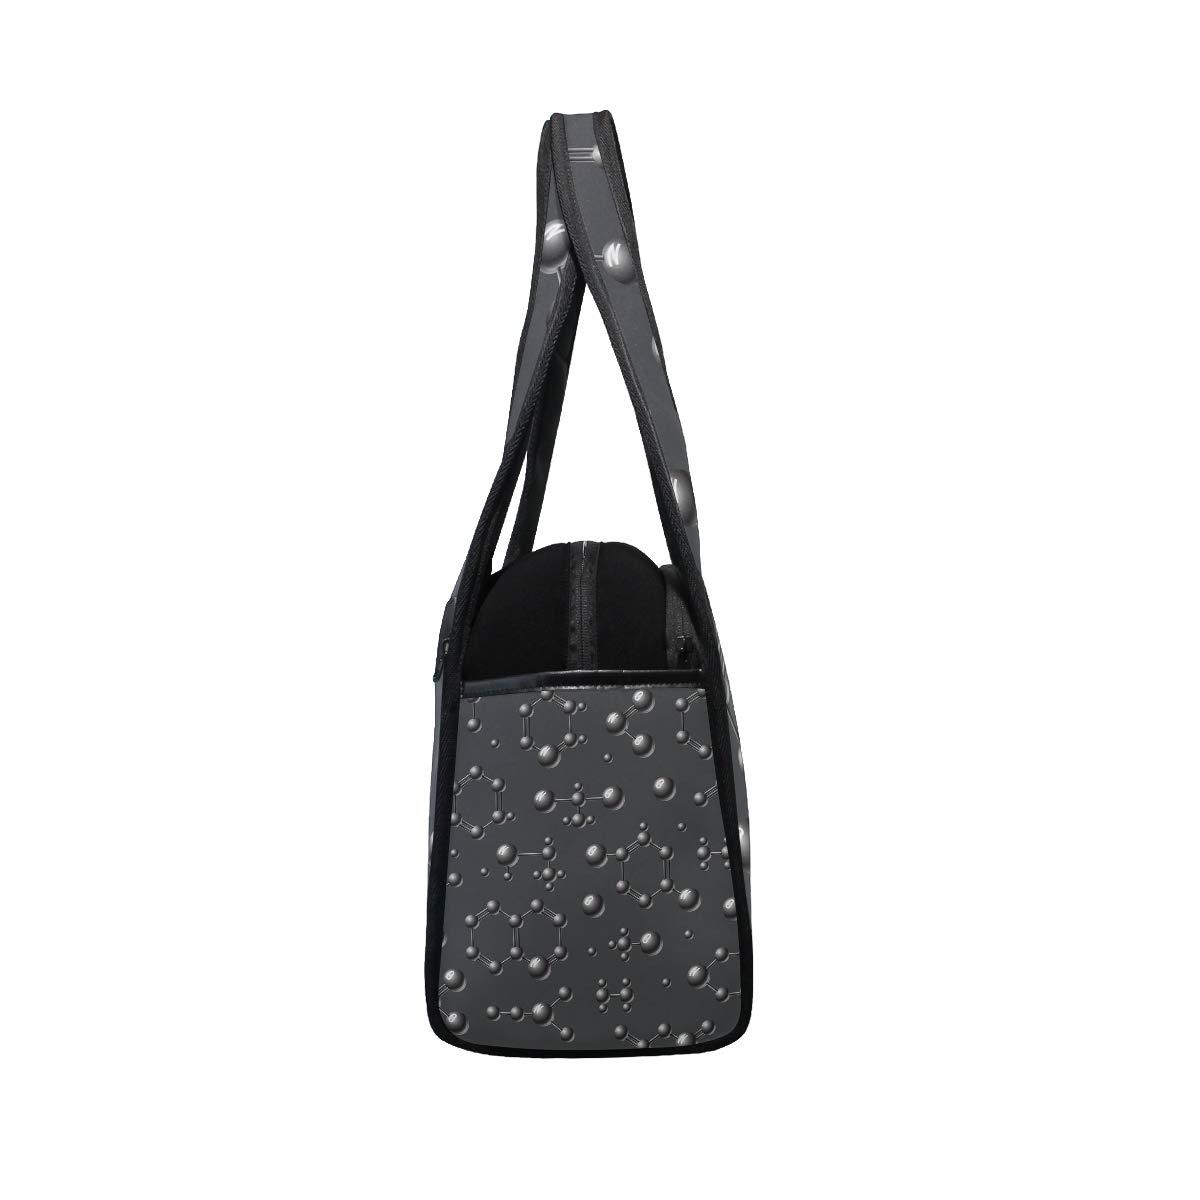 Gym Bag Sports Holdall Atomic Pattern Canvas Shoulder Bag Overnight Travel Bag for Men and Women